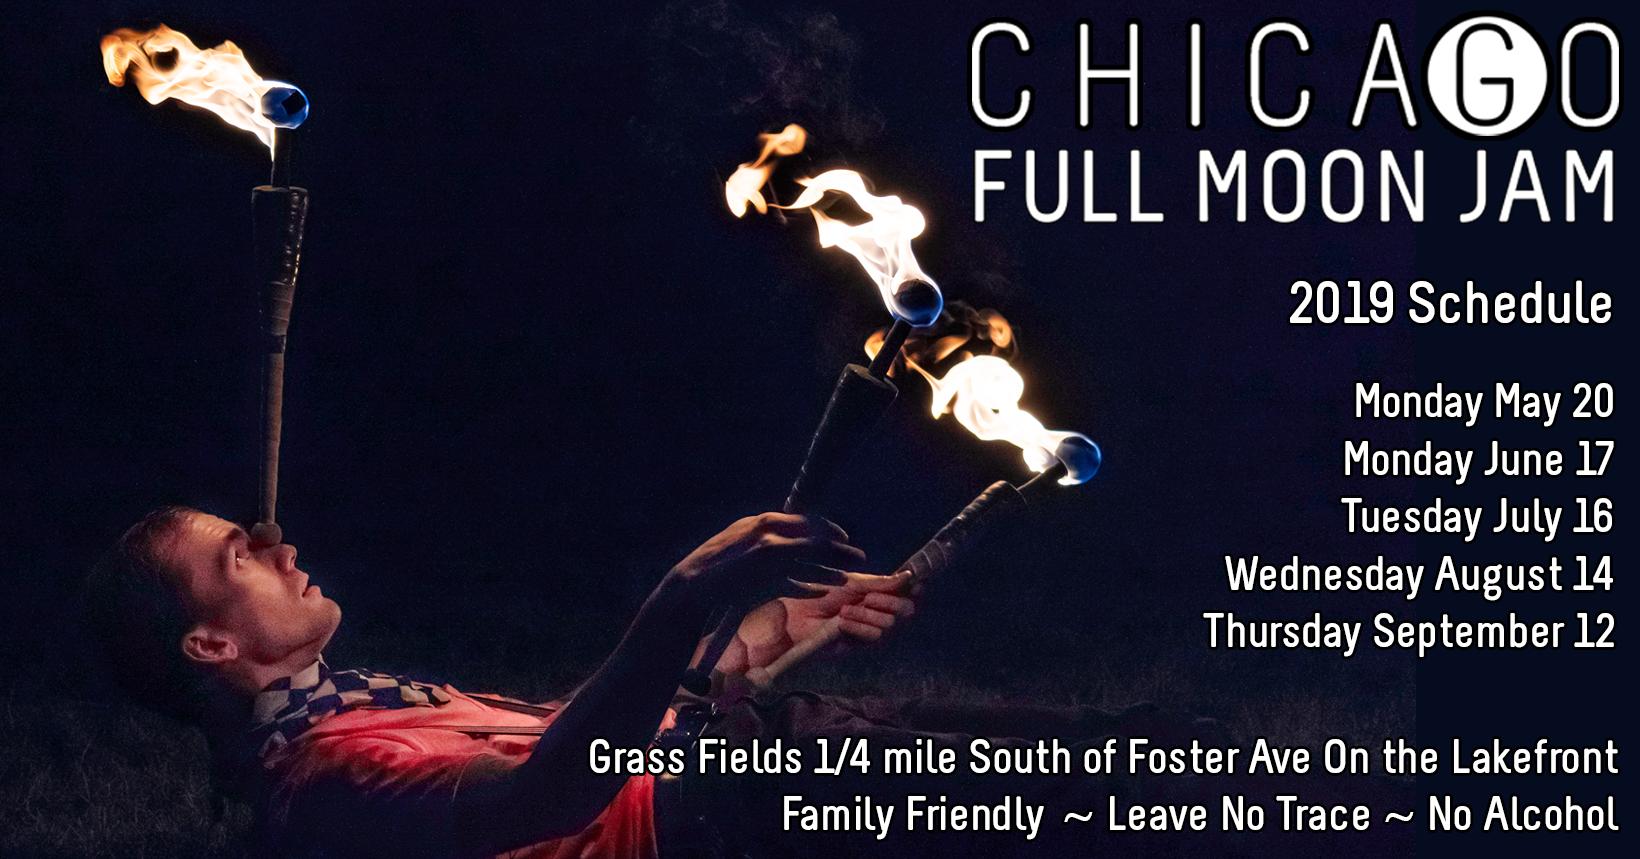 Chicago Full Moon Jam (July)